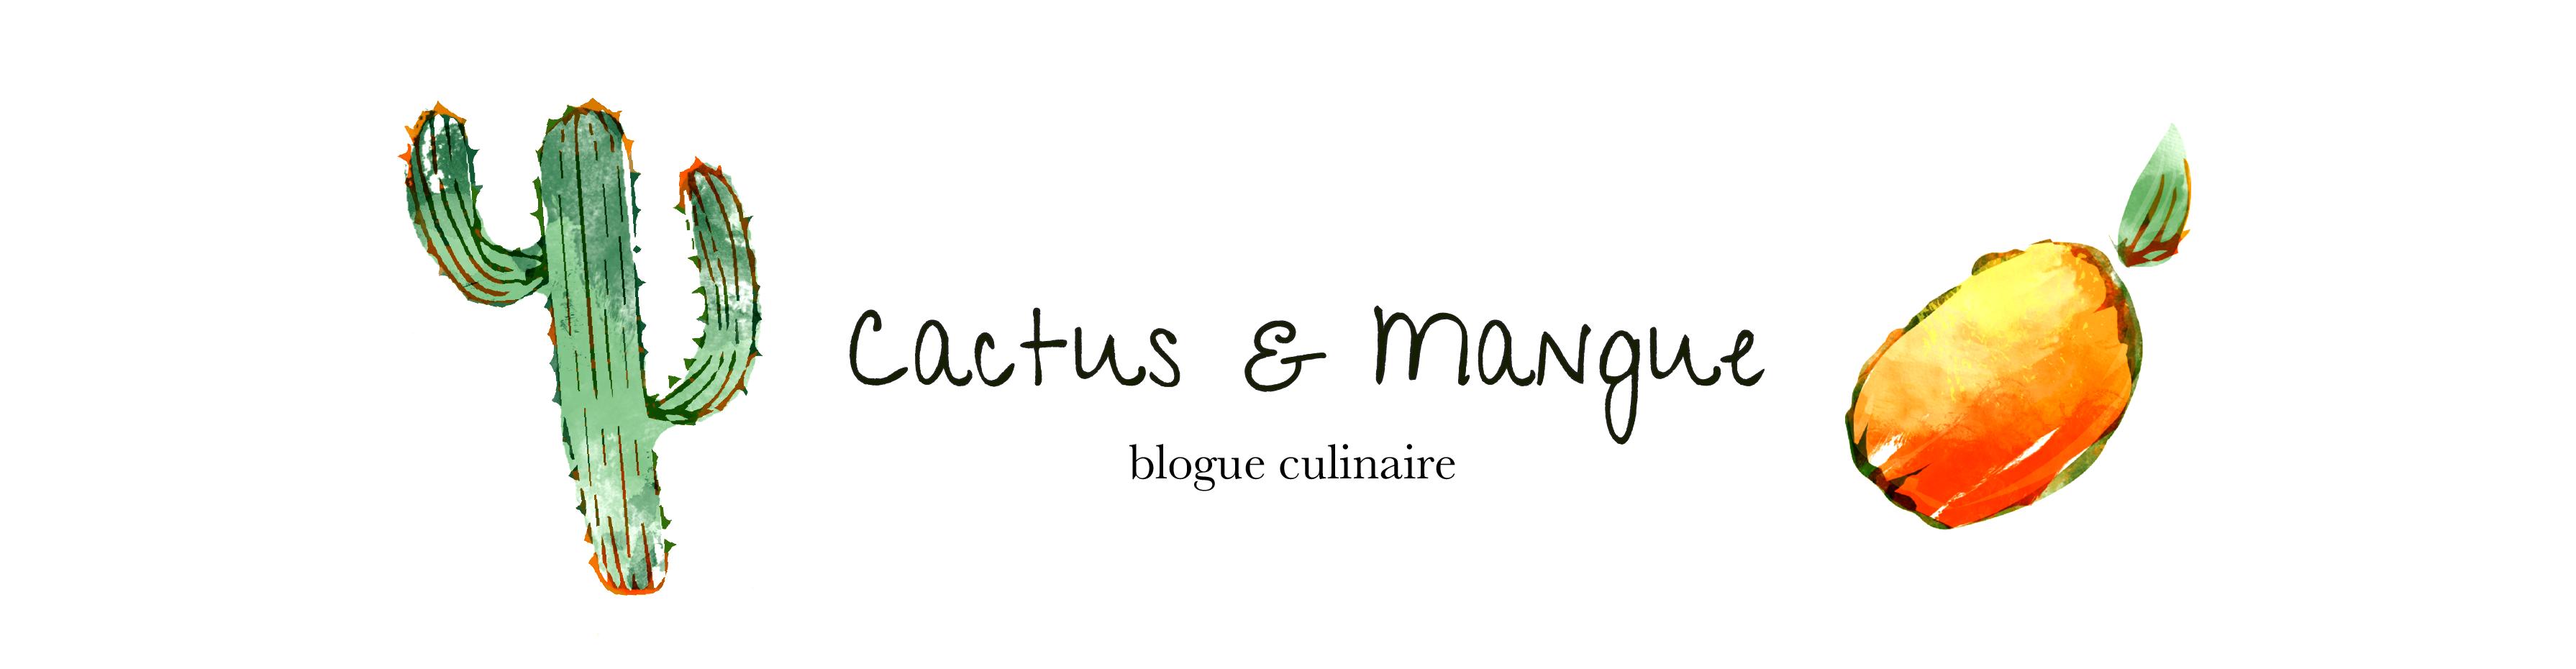 Cactus & Mangue